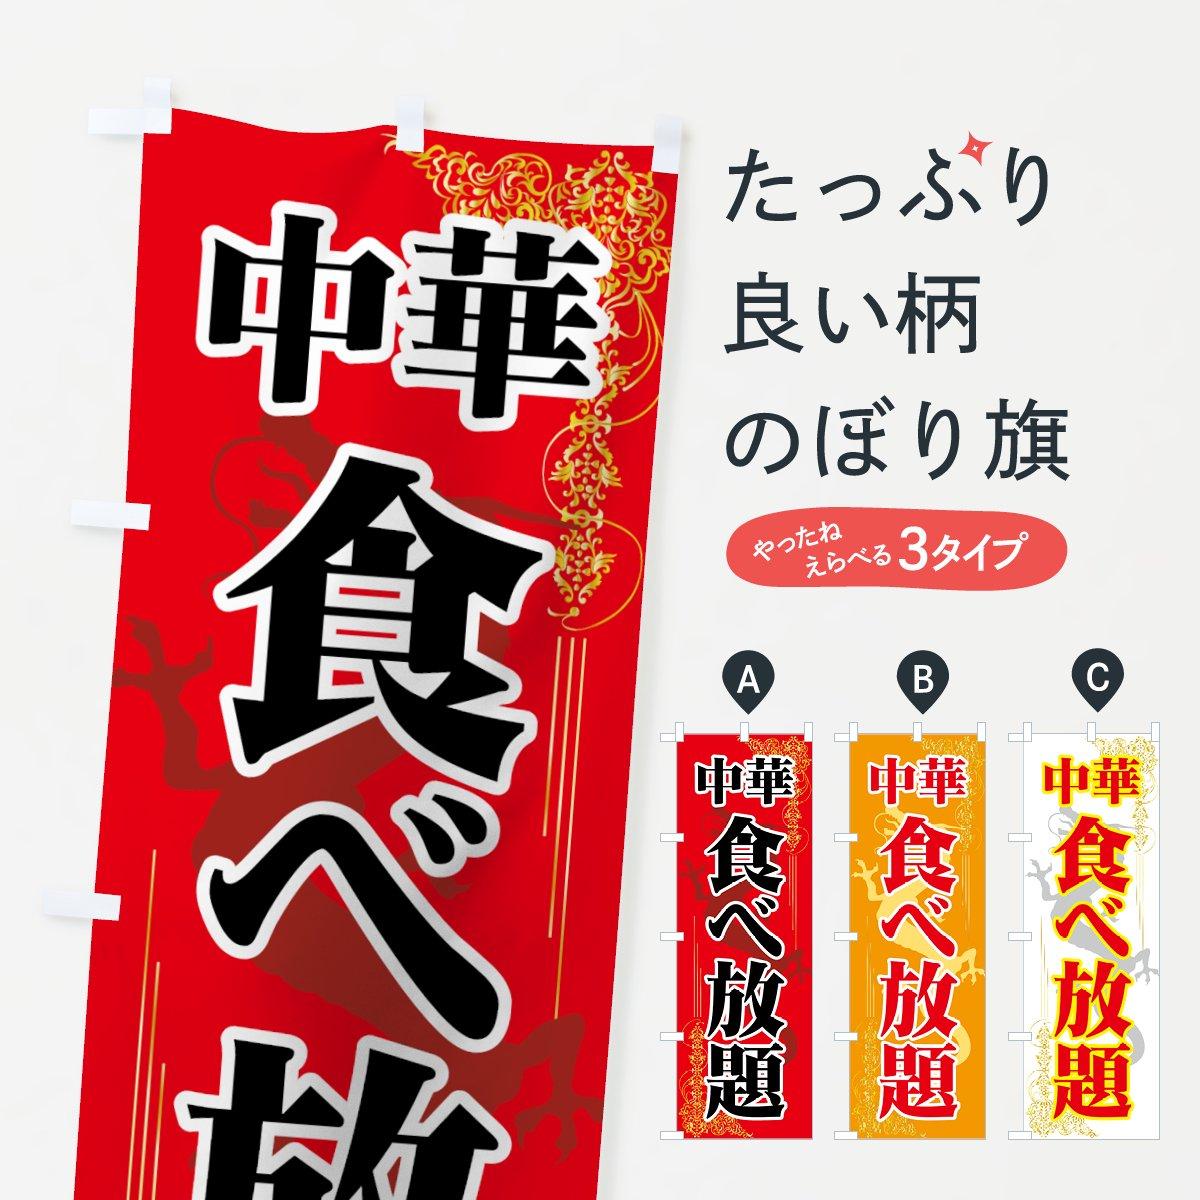 中華食べ放題のぼり旗